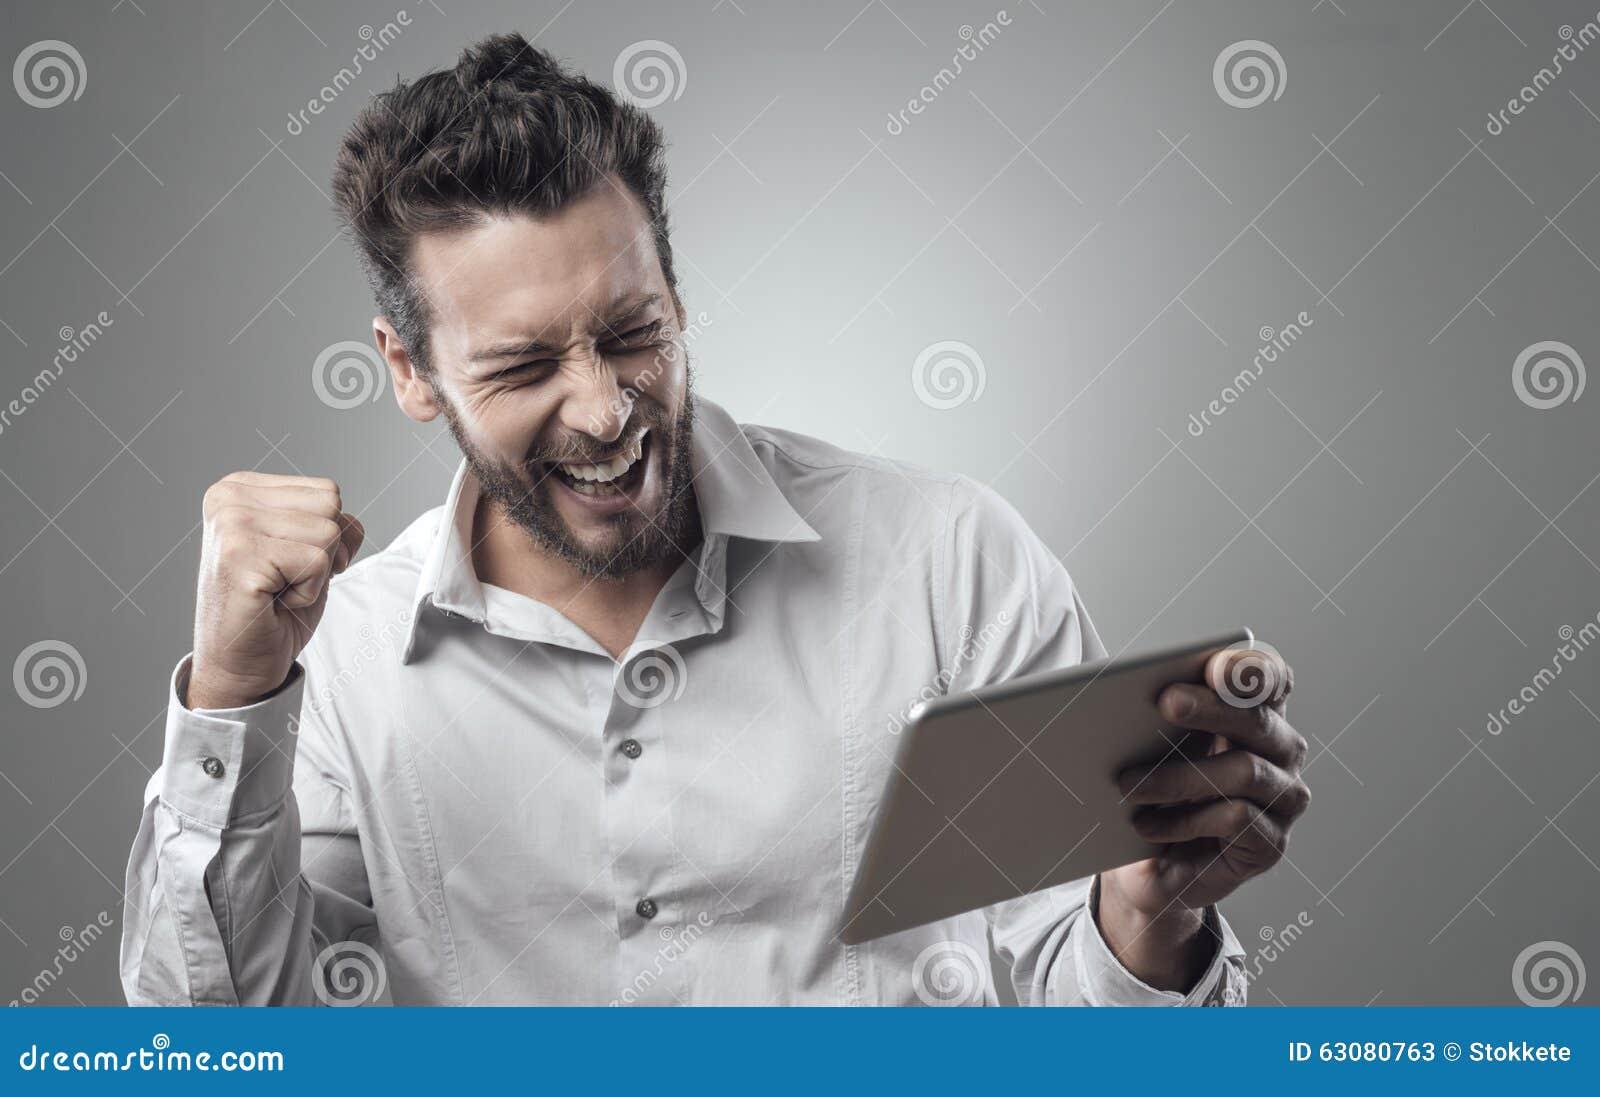 Download Jeune Homme De Sourire Gai Avec Le Comprimé Image stock - Image du homme, joyeux: 63080763